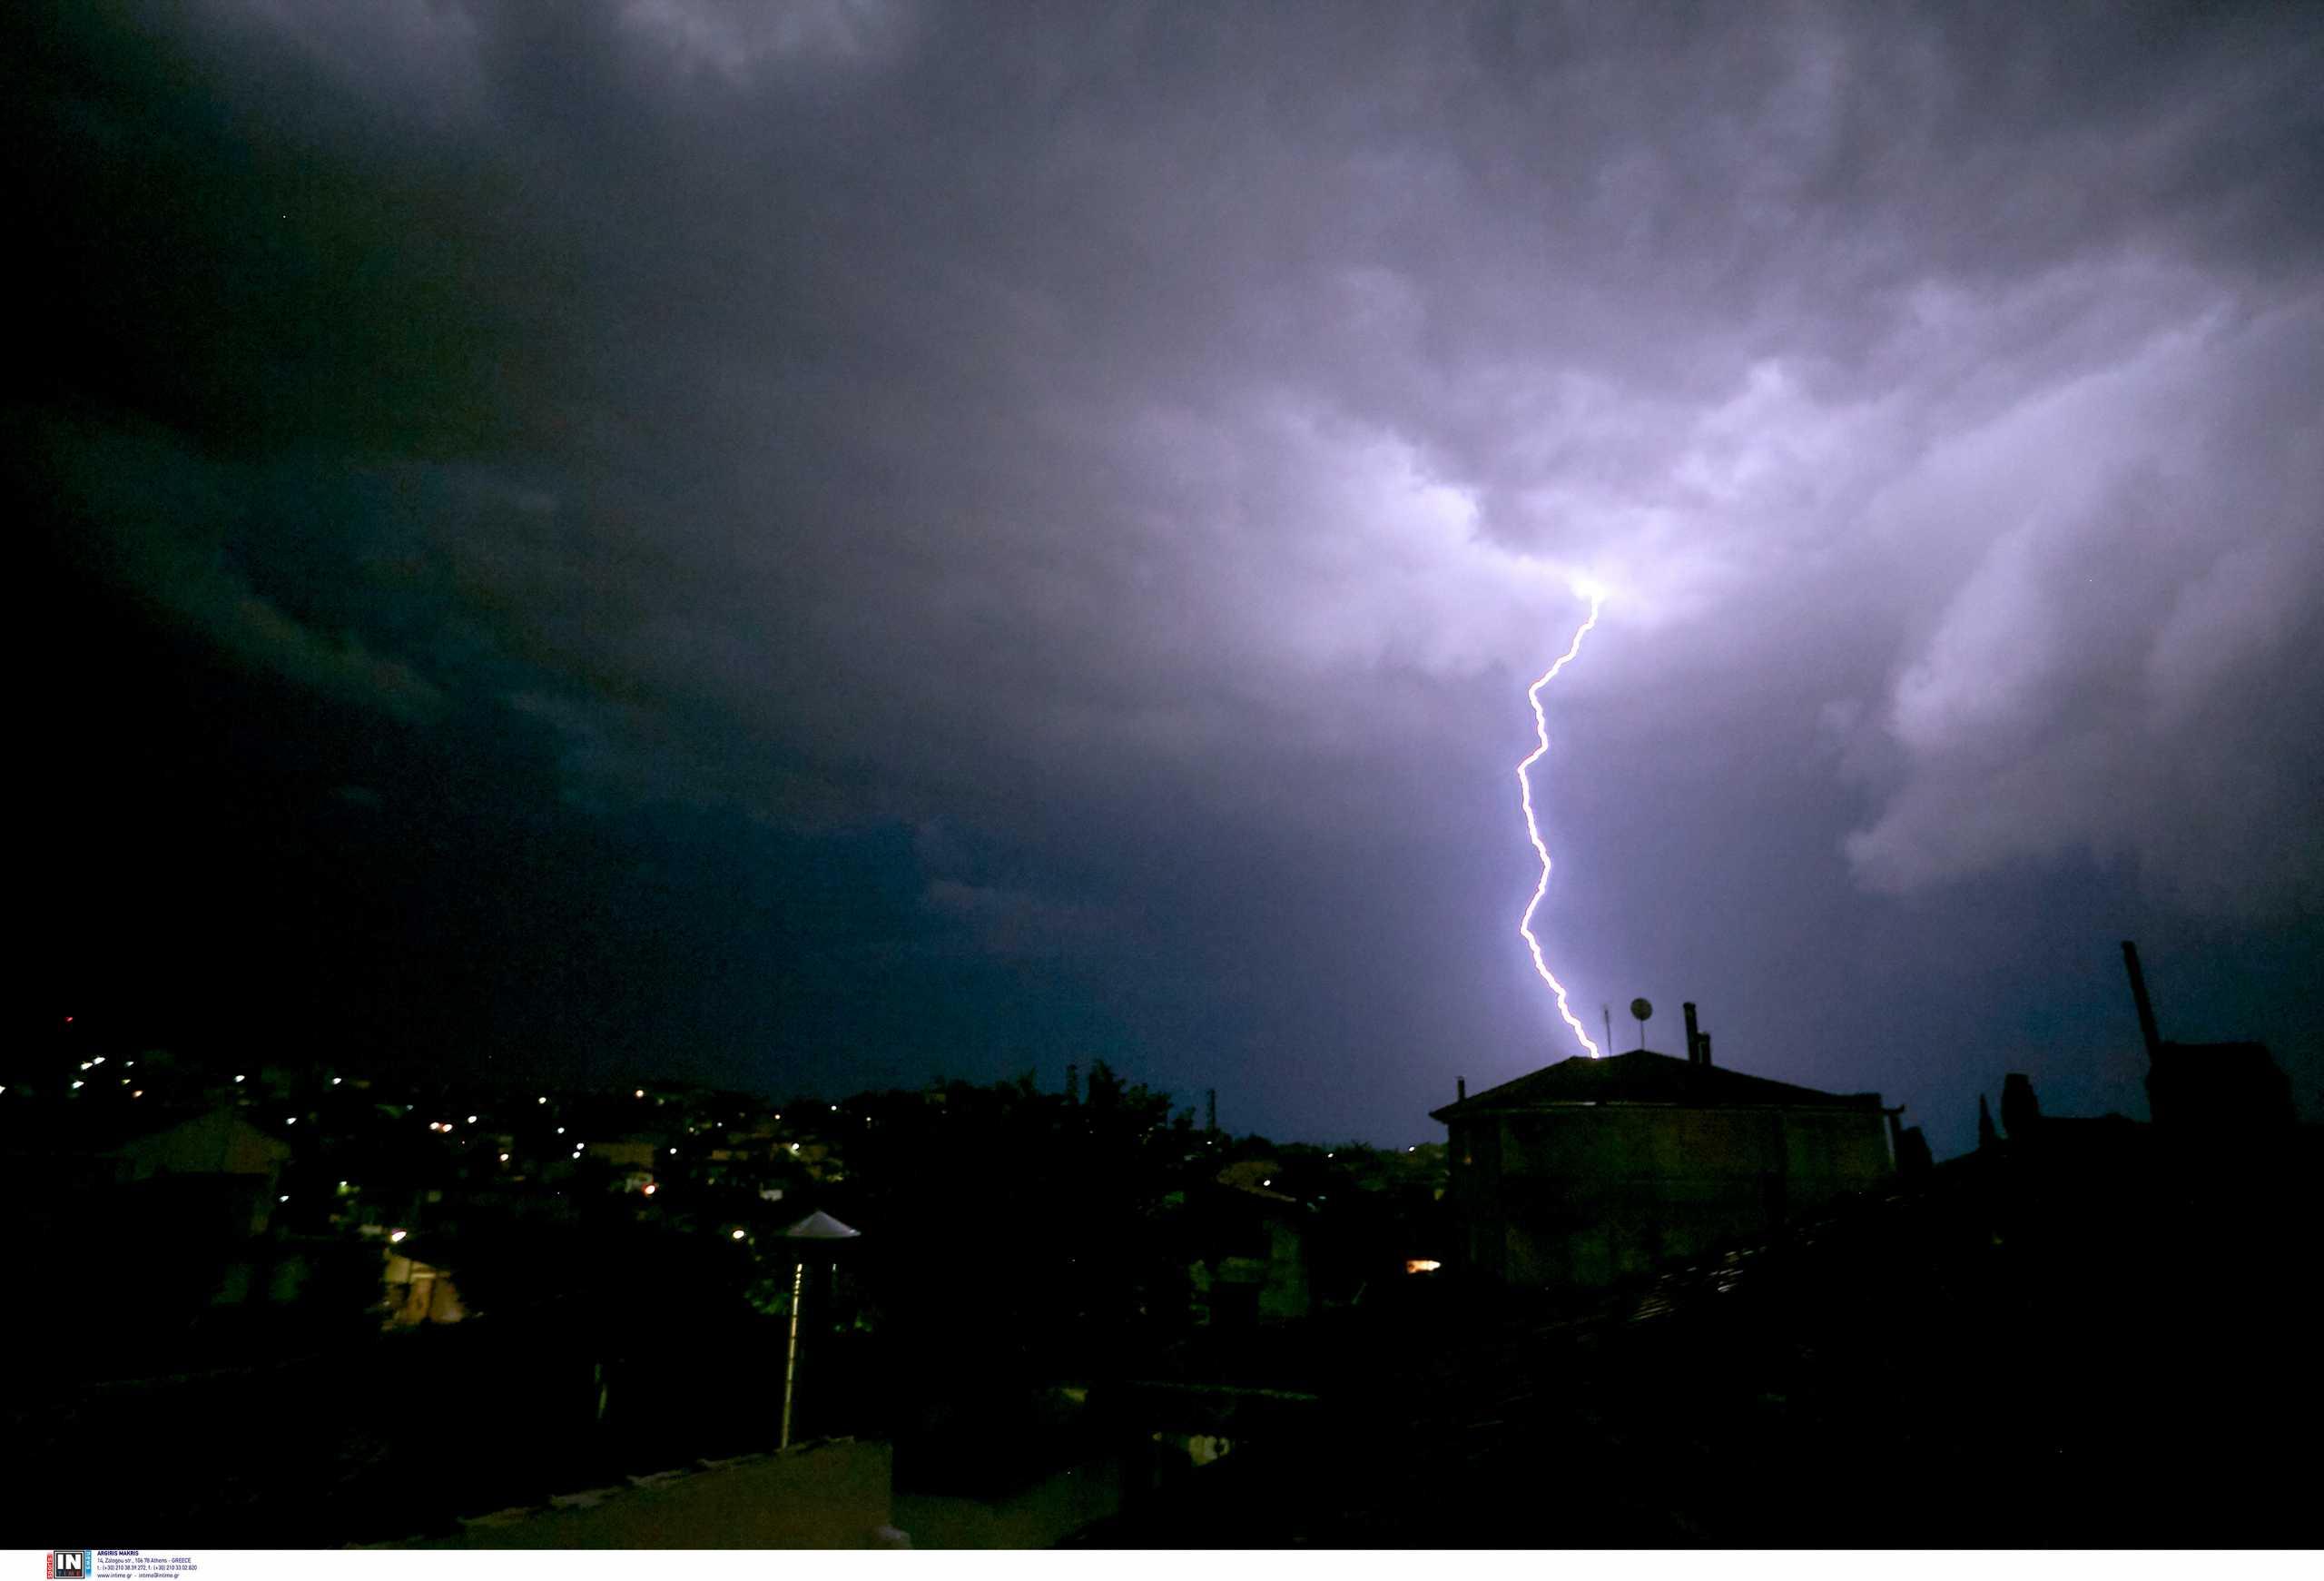 Καιρός: Ραγδαία μεταβολή με σφοδρές  καταιγίδες και χαλάζι – Κίνδυνος για πλημμύρες